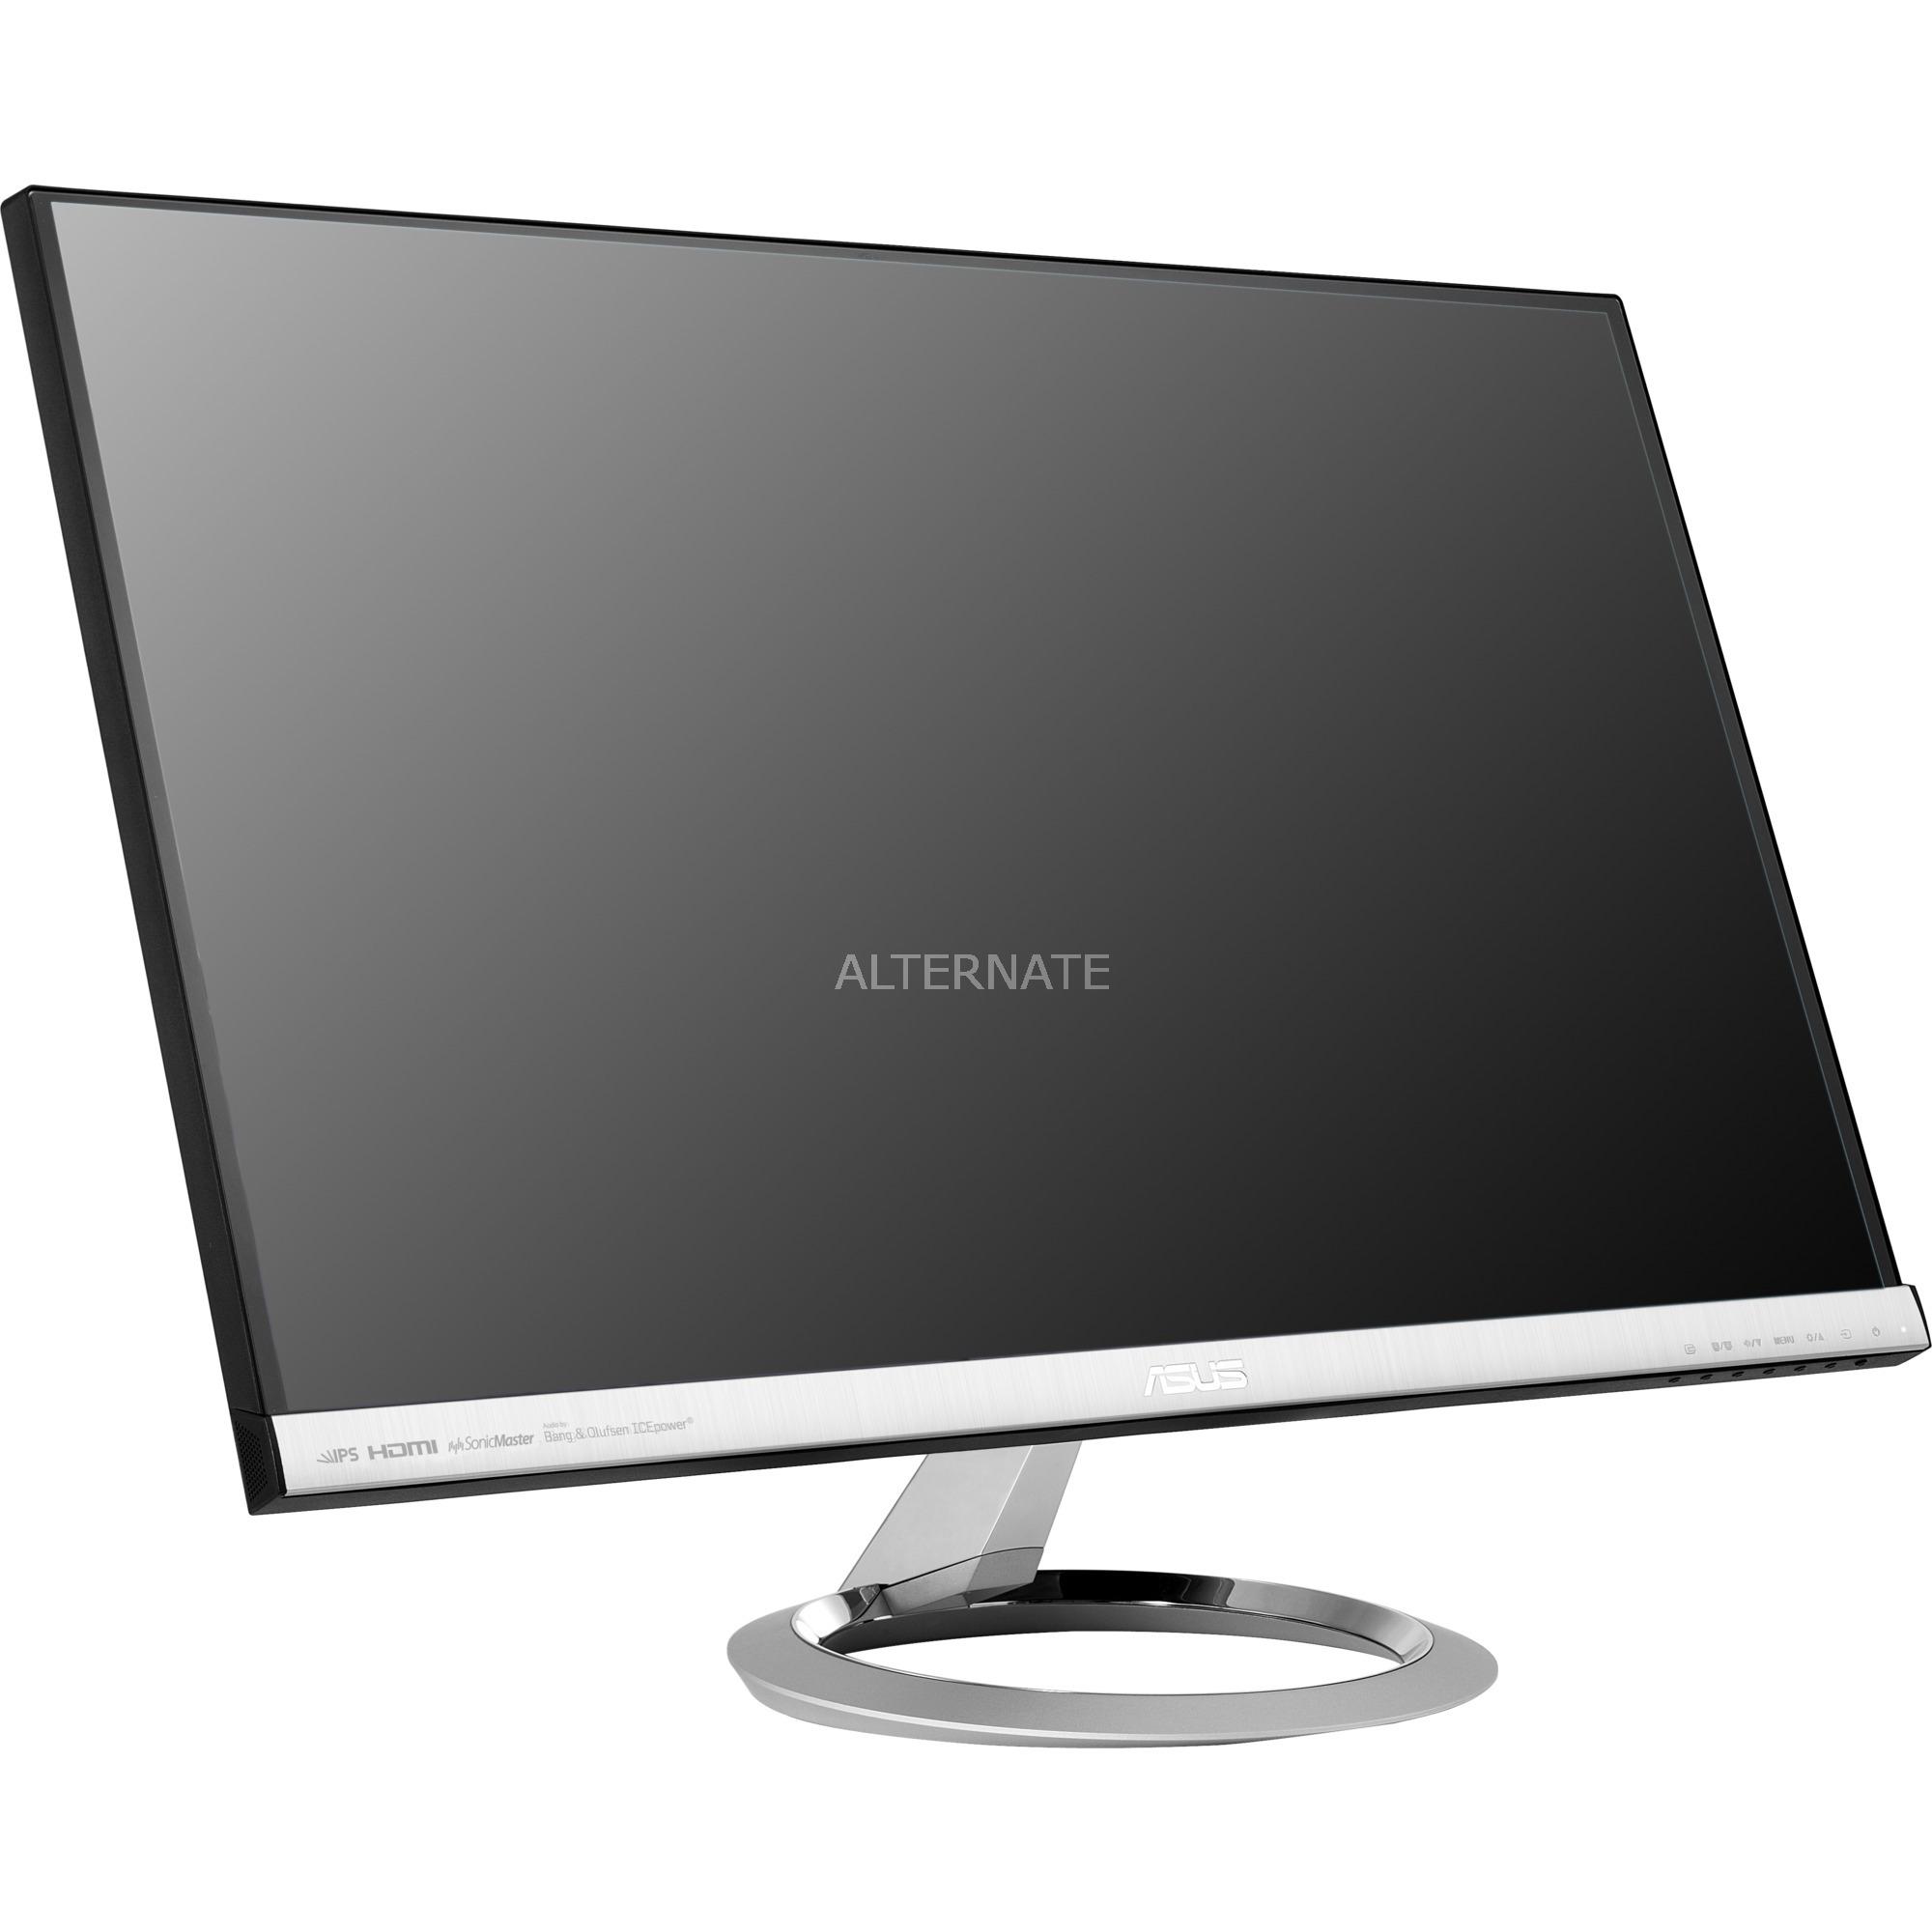 Moniteur pc darty ecran lcd pour ordinateur for Photo moniteur